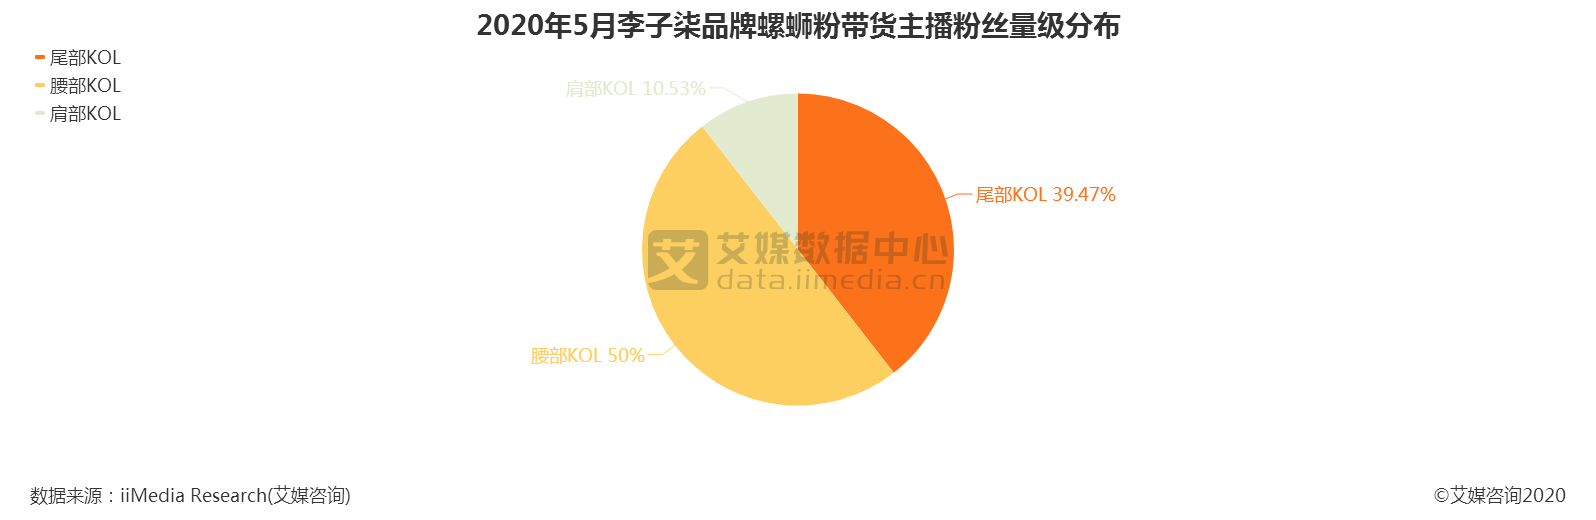 2020年5月李子柒品牌螺蛳粉带货主播粉丝量级分布